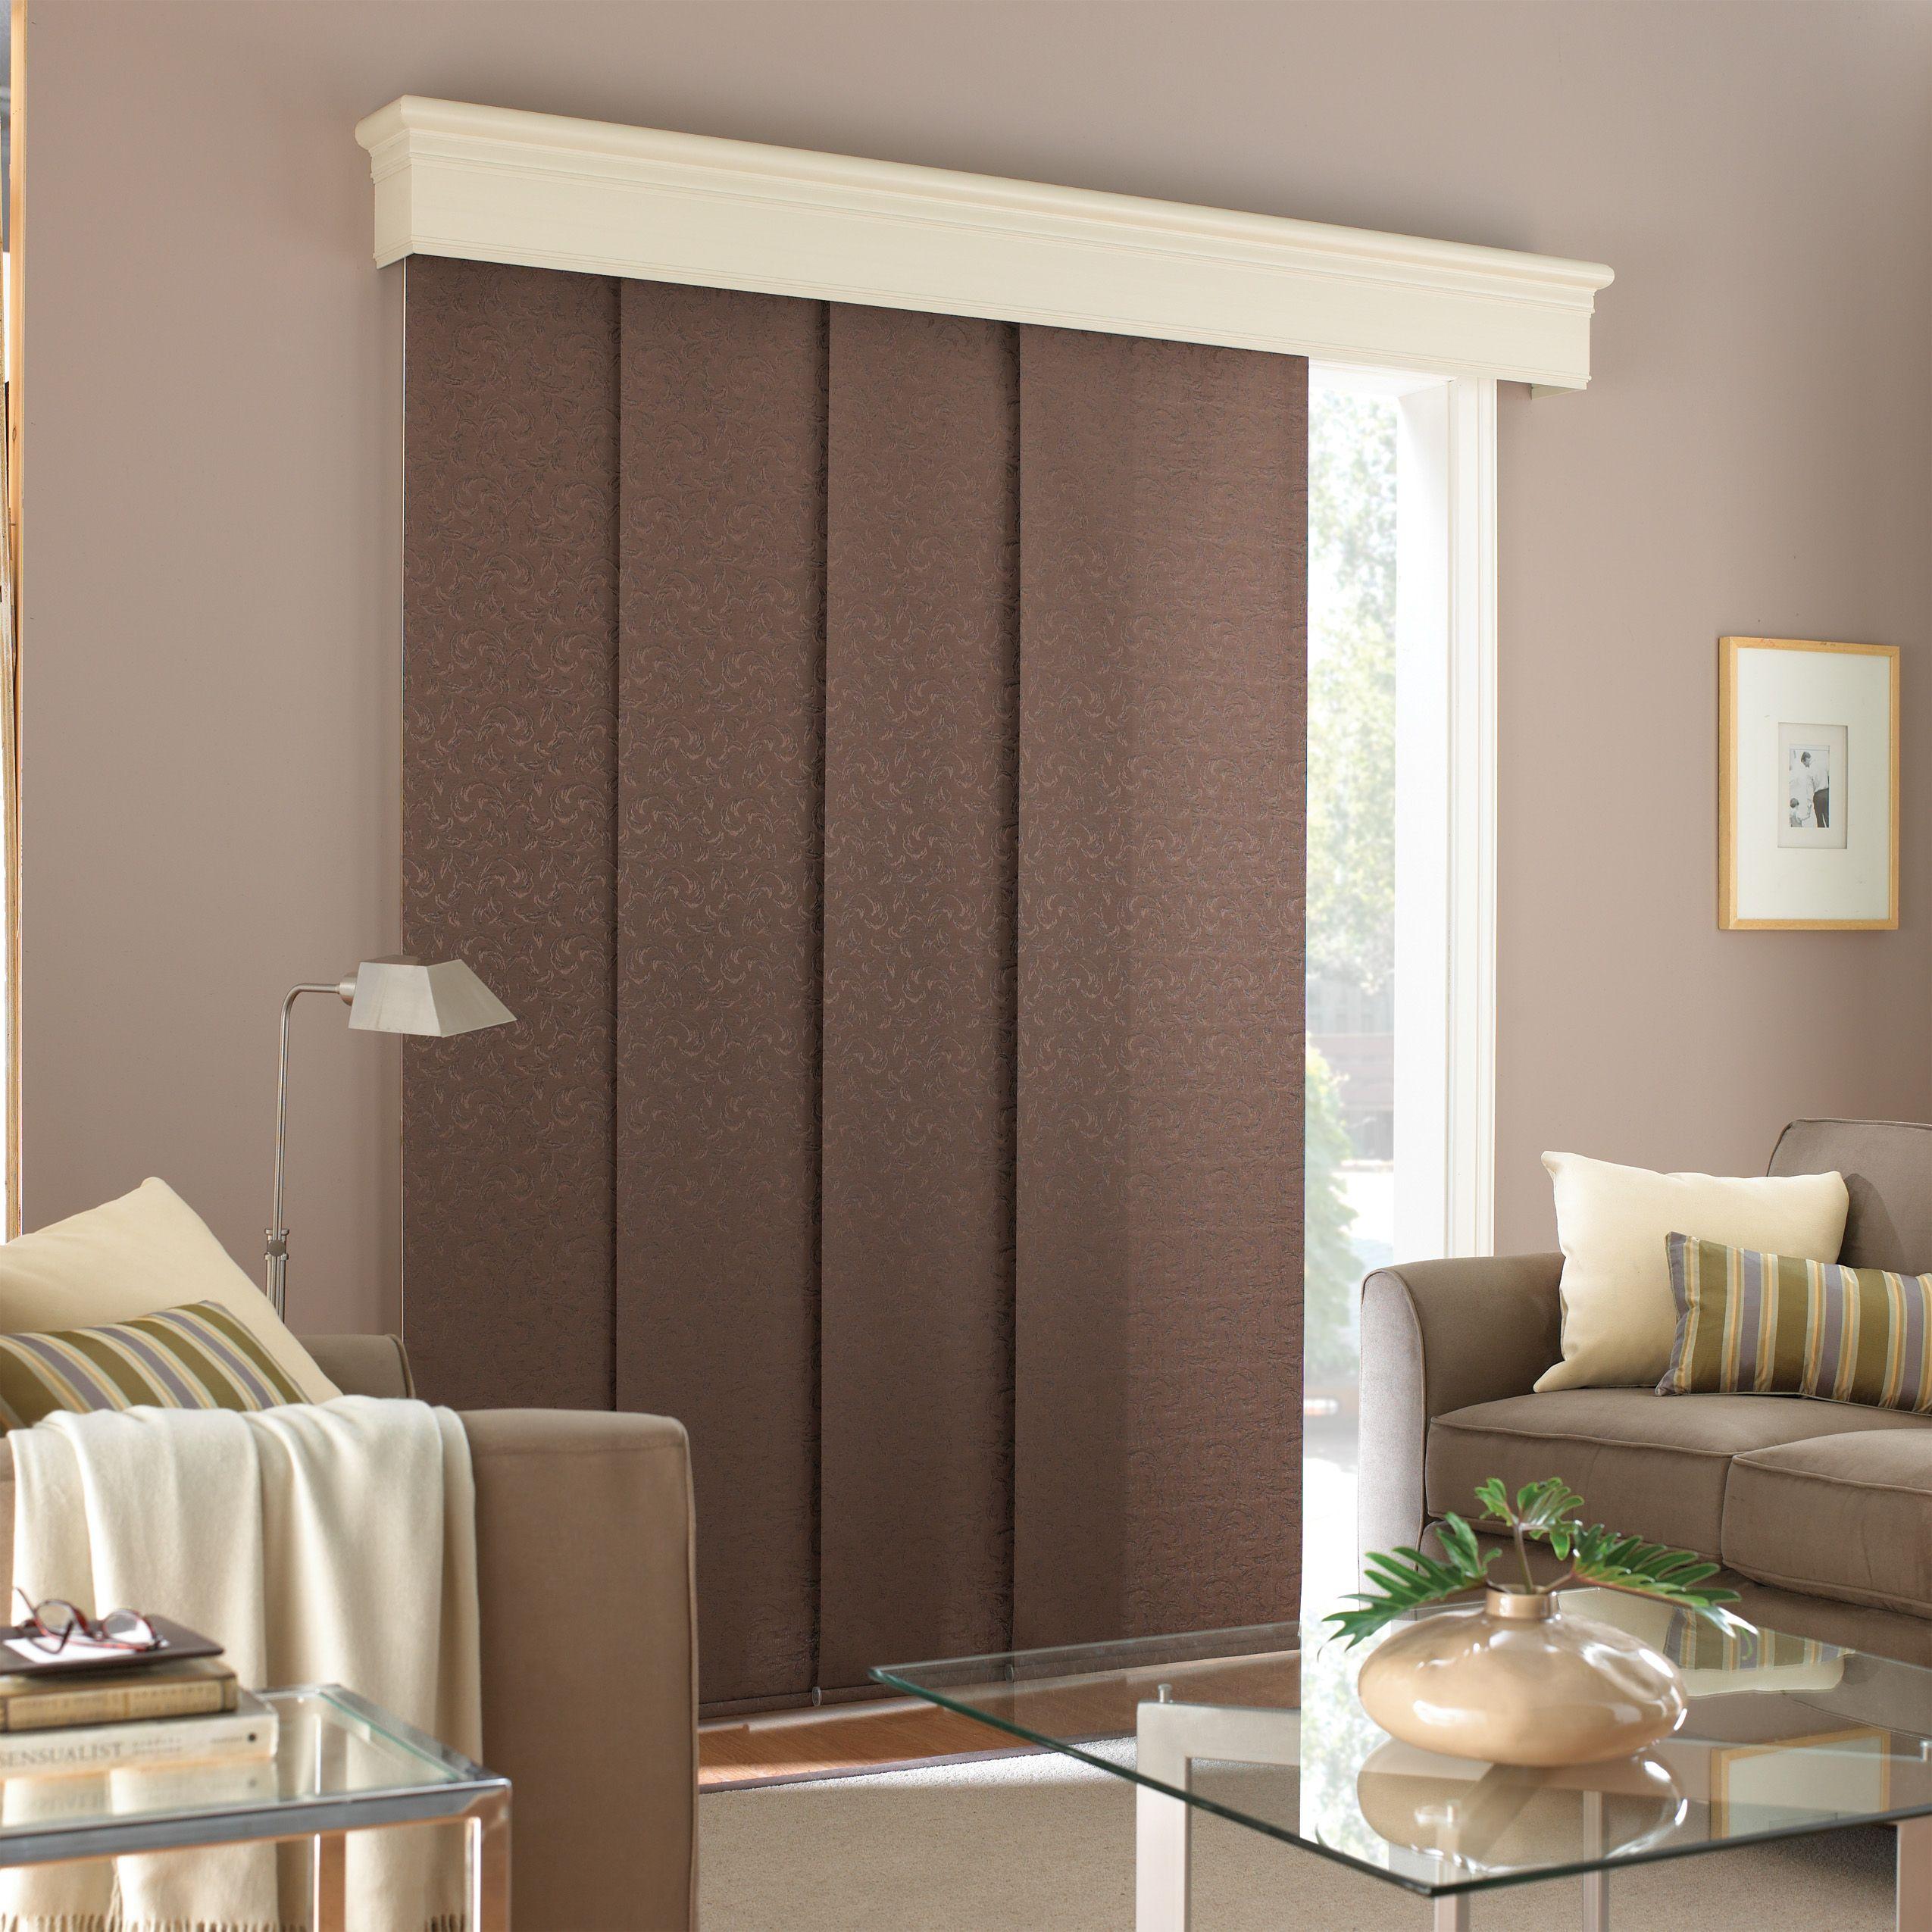 Panel Tracks Modern Patio Door Coverings Sliding Door Blinds